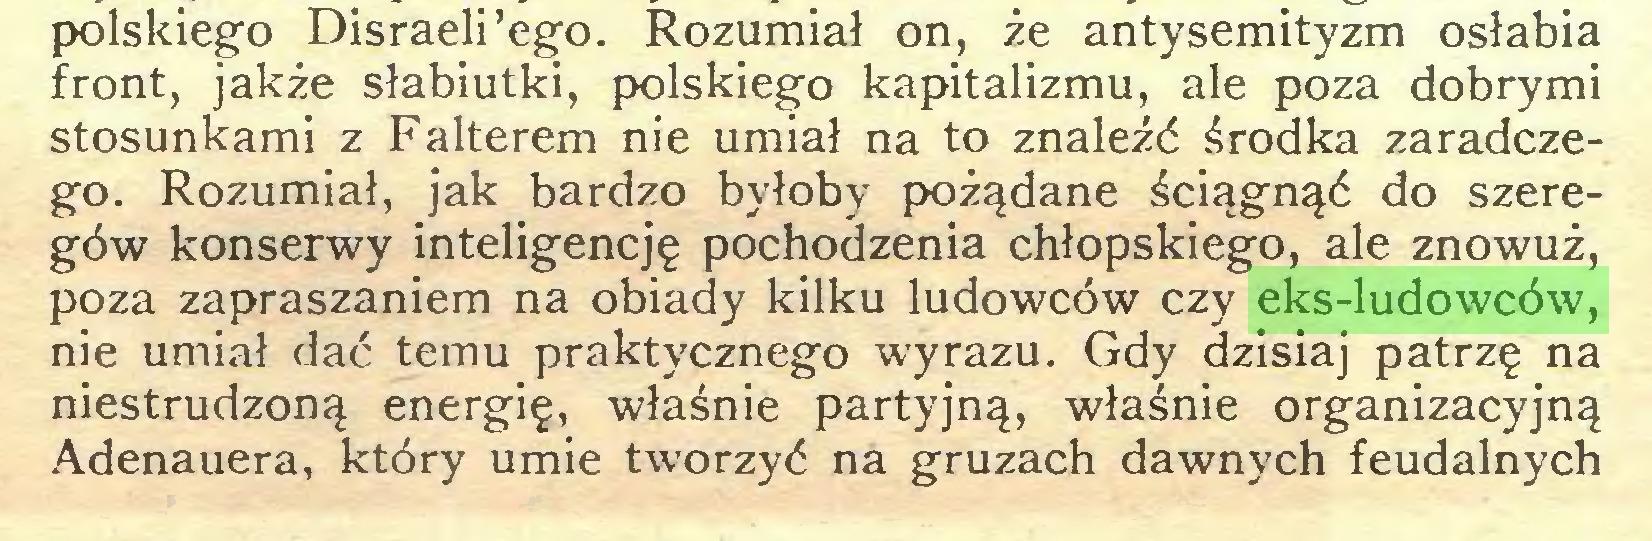 (...) polskiego Disraeli'ego. Rozumiał on, że antysemityzm osłabia front, jakże słabiutki, polskiego kapitalizmu, ale poza dobrymi stosunkami z Falterem nie umiał na to znaleźć środka zaradczego. Rozumiał, jak bardzo byłoby pożądane ściągnąć do szeregów konserwy inteligencję pochodzenia chłopskiego, ale znowuż, poza zapraszaniem na obiady kilku ludowców czy eks-ludowców, nie umiał dać temu praktycznego wyrazu. Gdy dzisiaj patrzę na niestrudzoną energię, właśnie partyjną, właśnie organizacyjną Adenauera, który umie tworzyć na gruzach dawnych feudalnych...